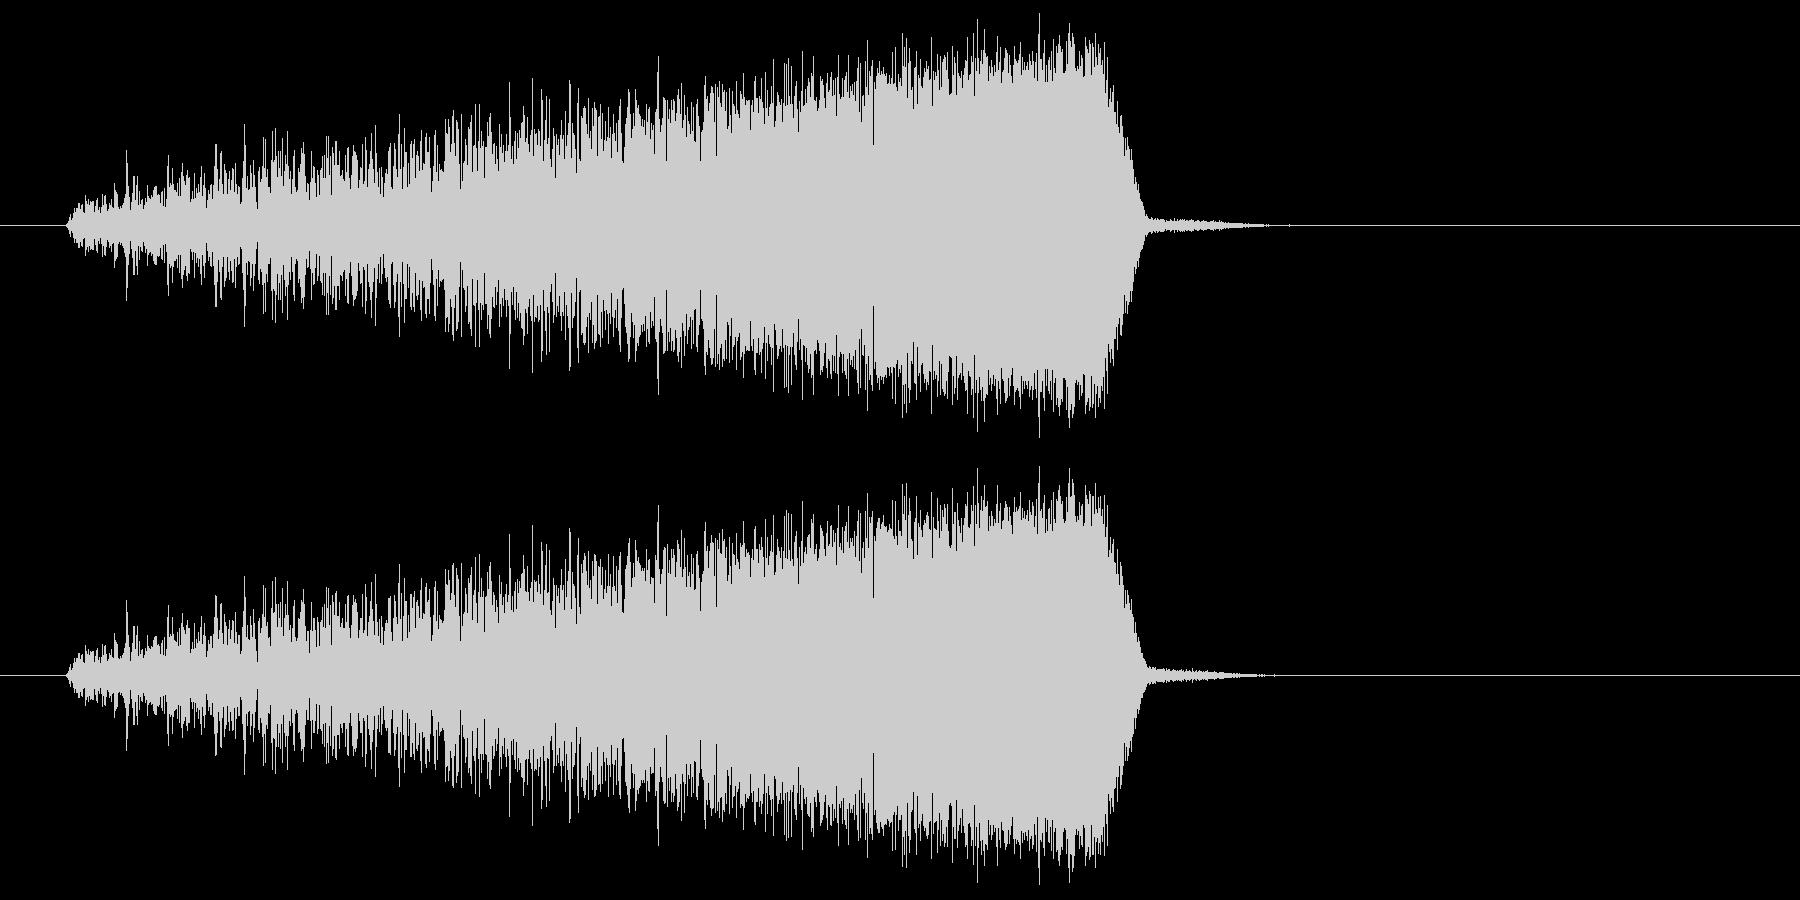 ヒュイィィ(力や気を溜める音) 02の未再生の波形